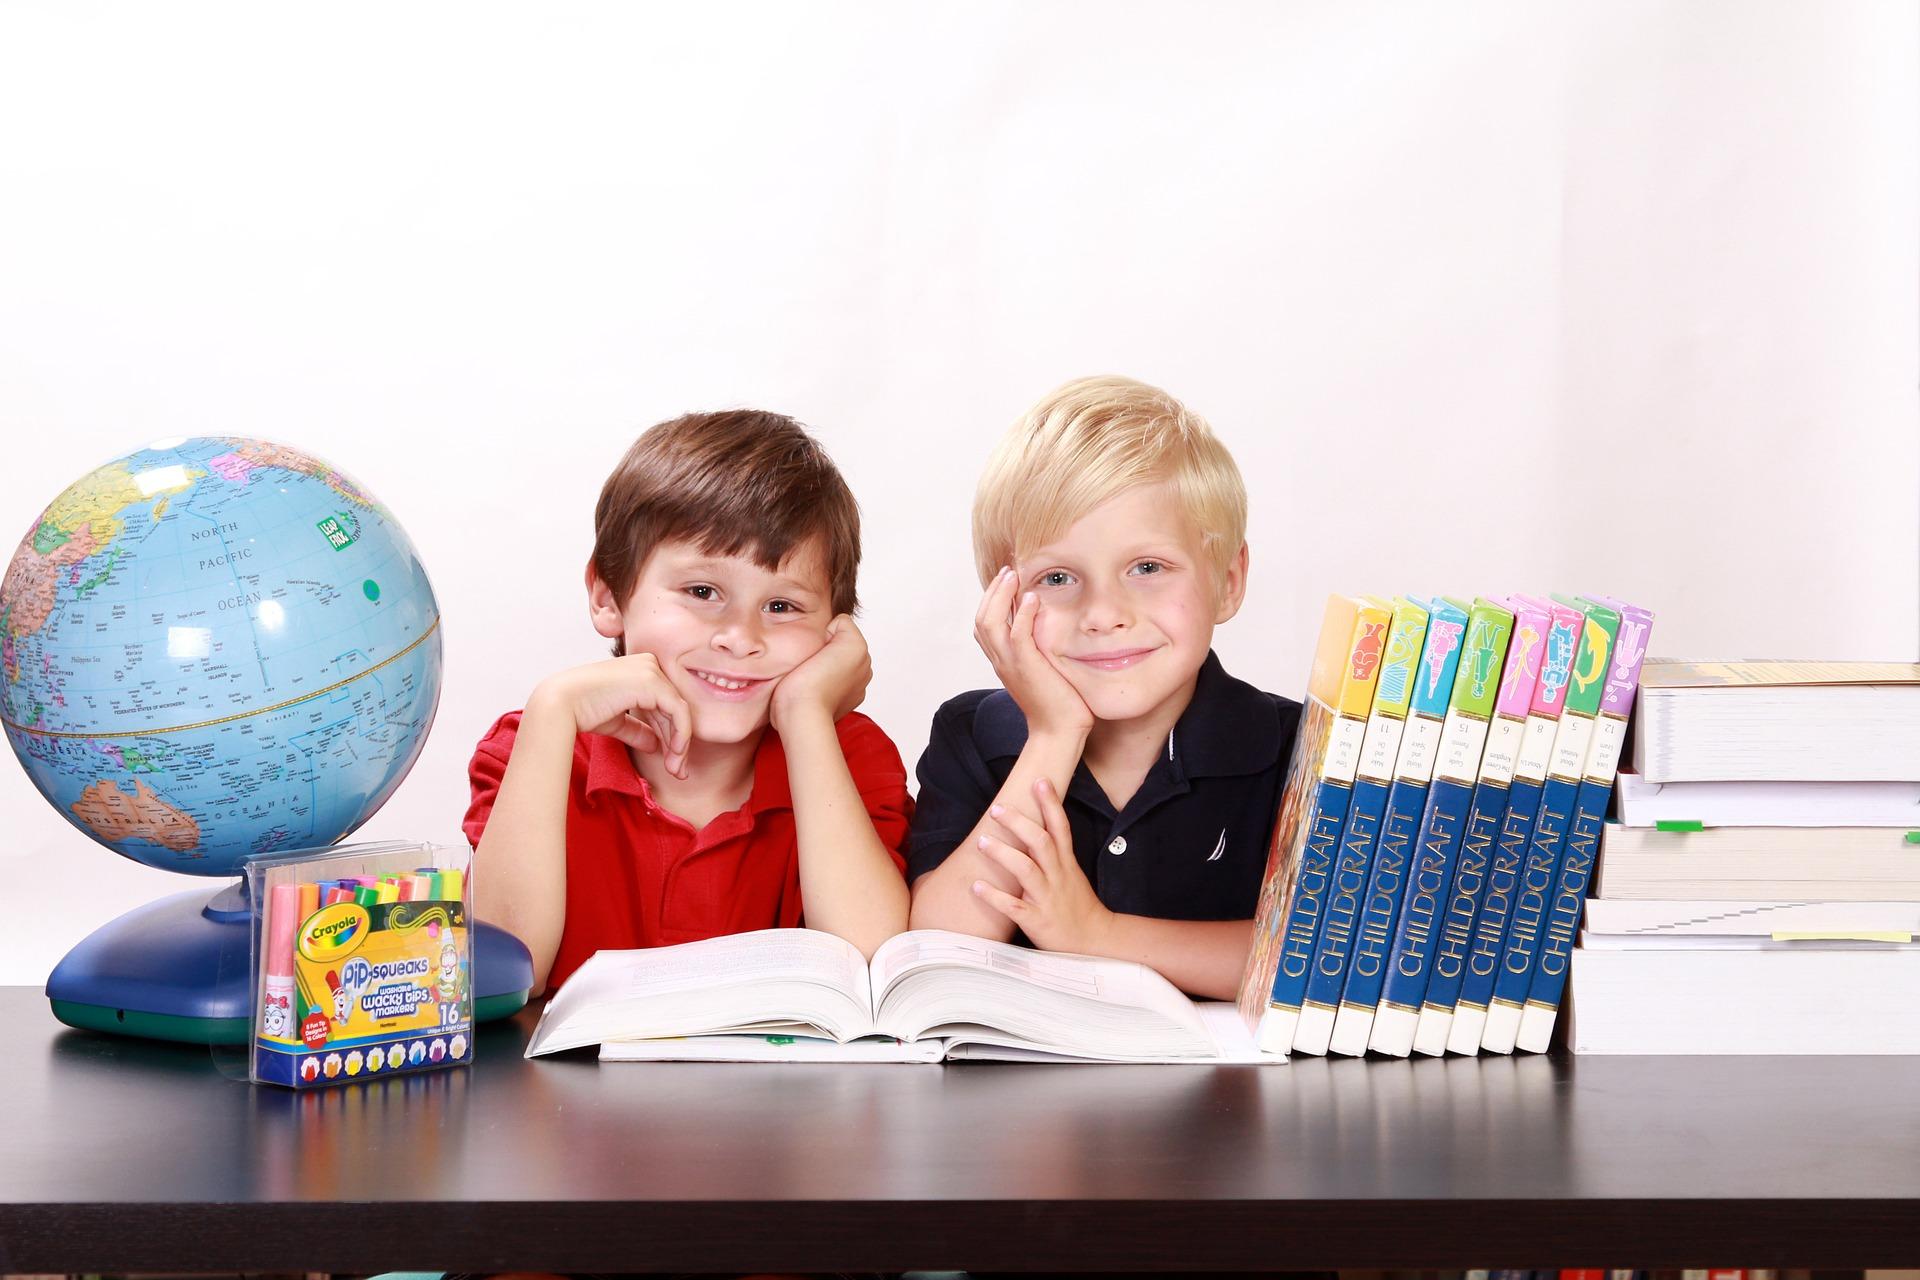 Jak pomóc dziecku zrozumieć matematykę?